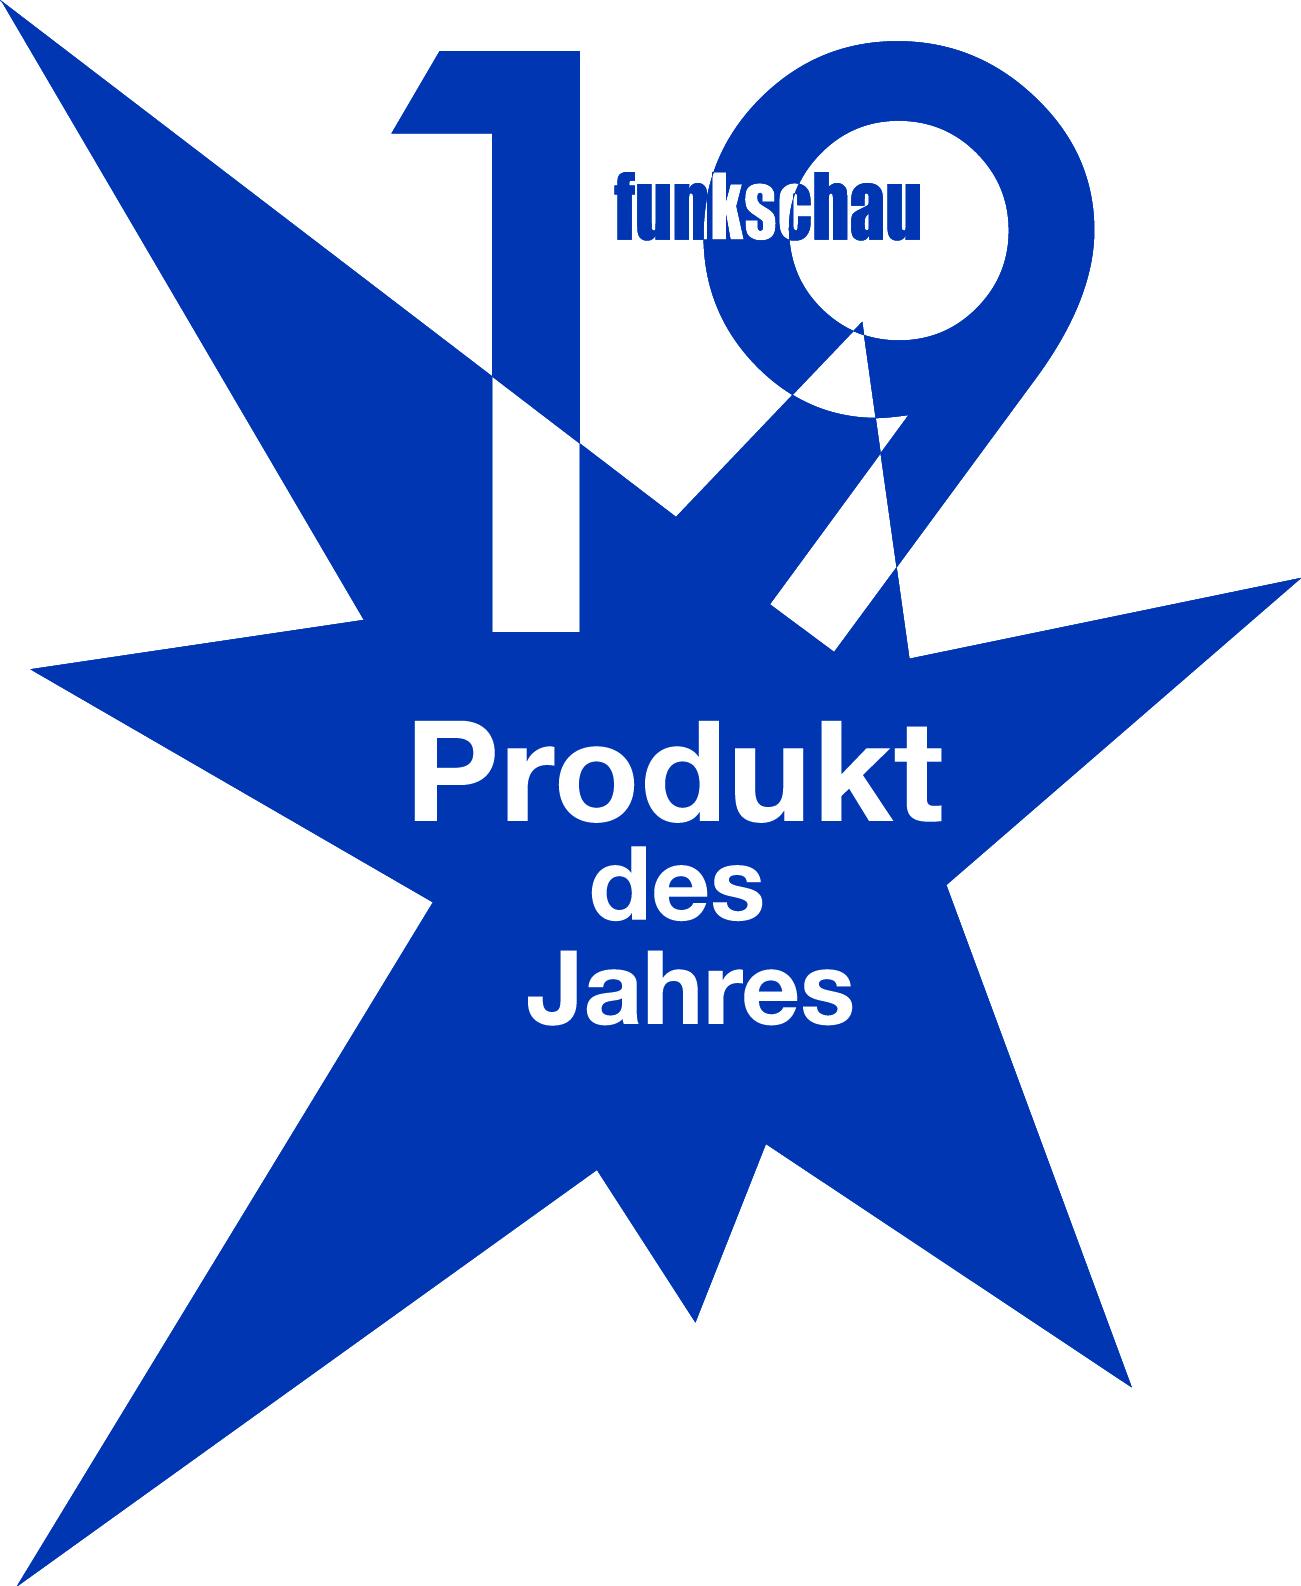 M-Files als bestes DMS/ECM-Produkt des Jahres nominiert